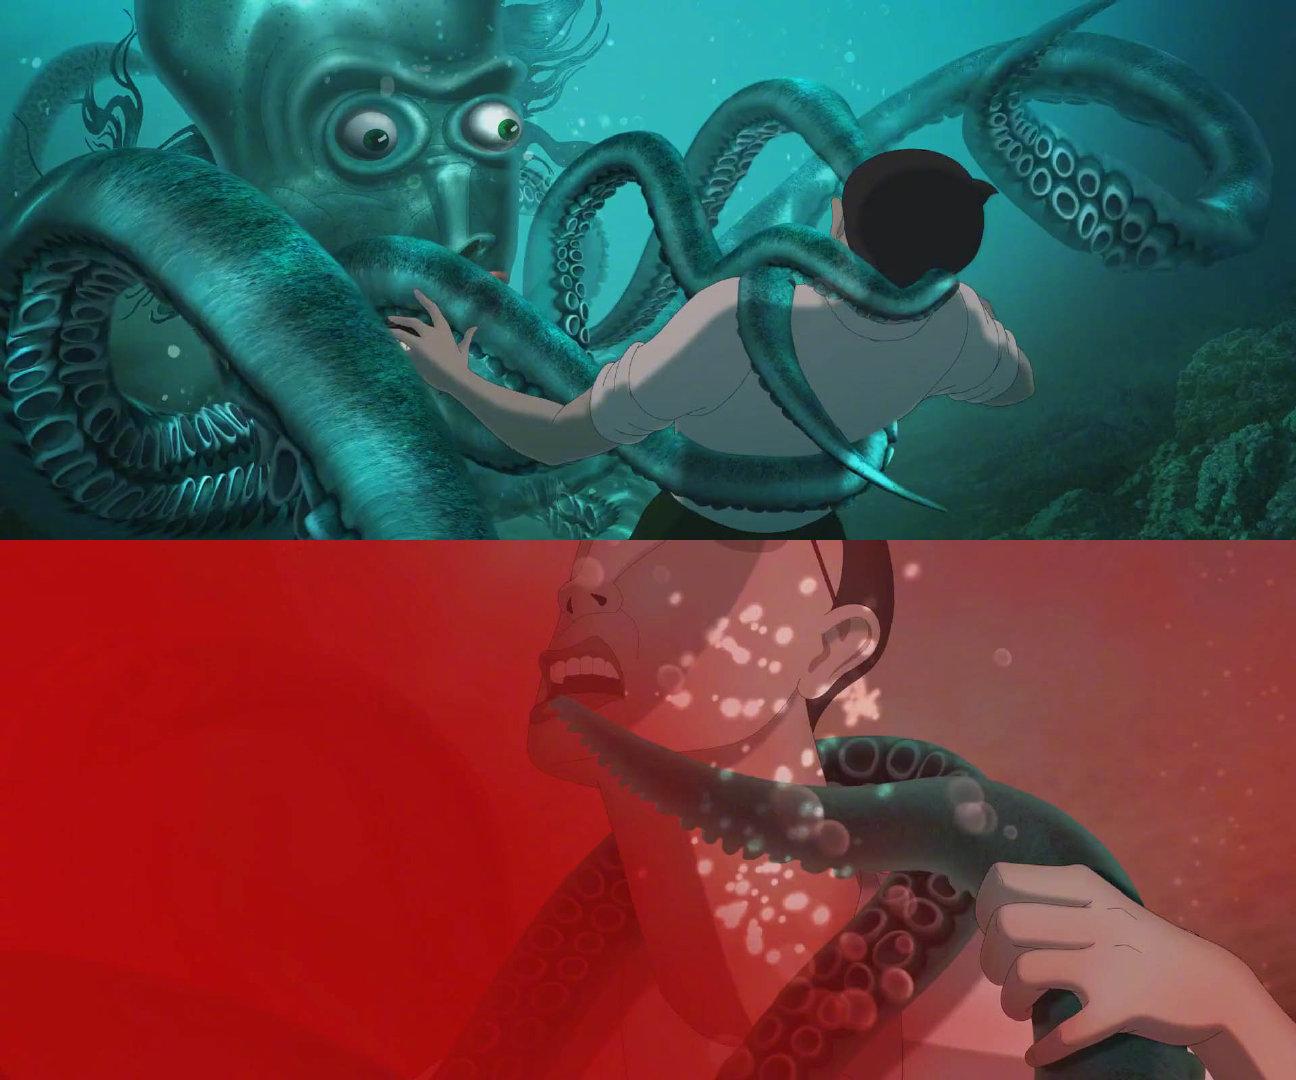 豆瓣8.6分电影《盗梦特攻队》,堪称动画版的《头号玩家》 zt